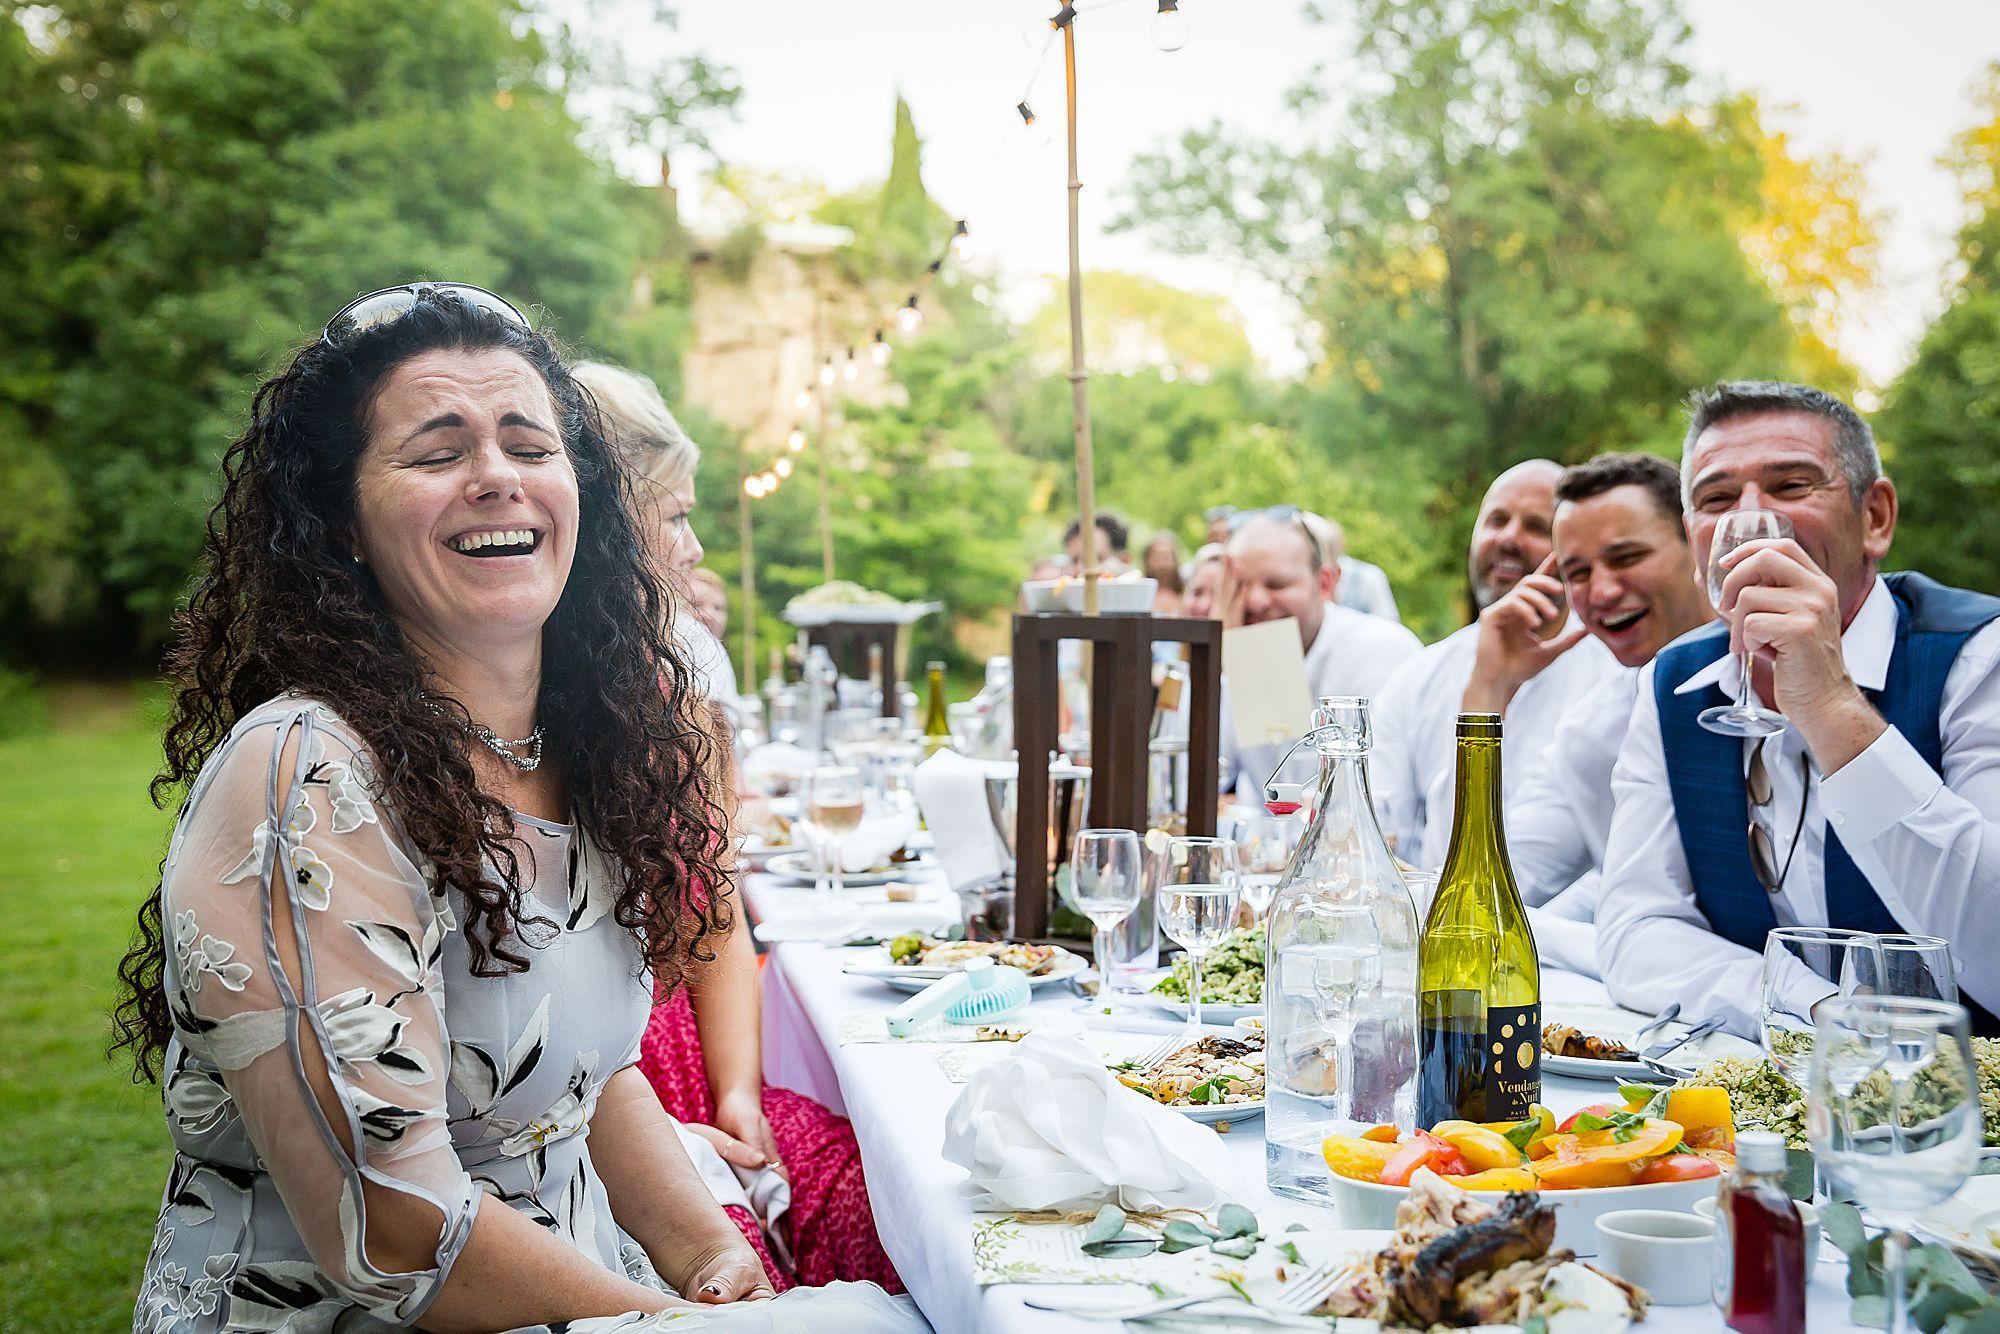 guests laugh